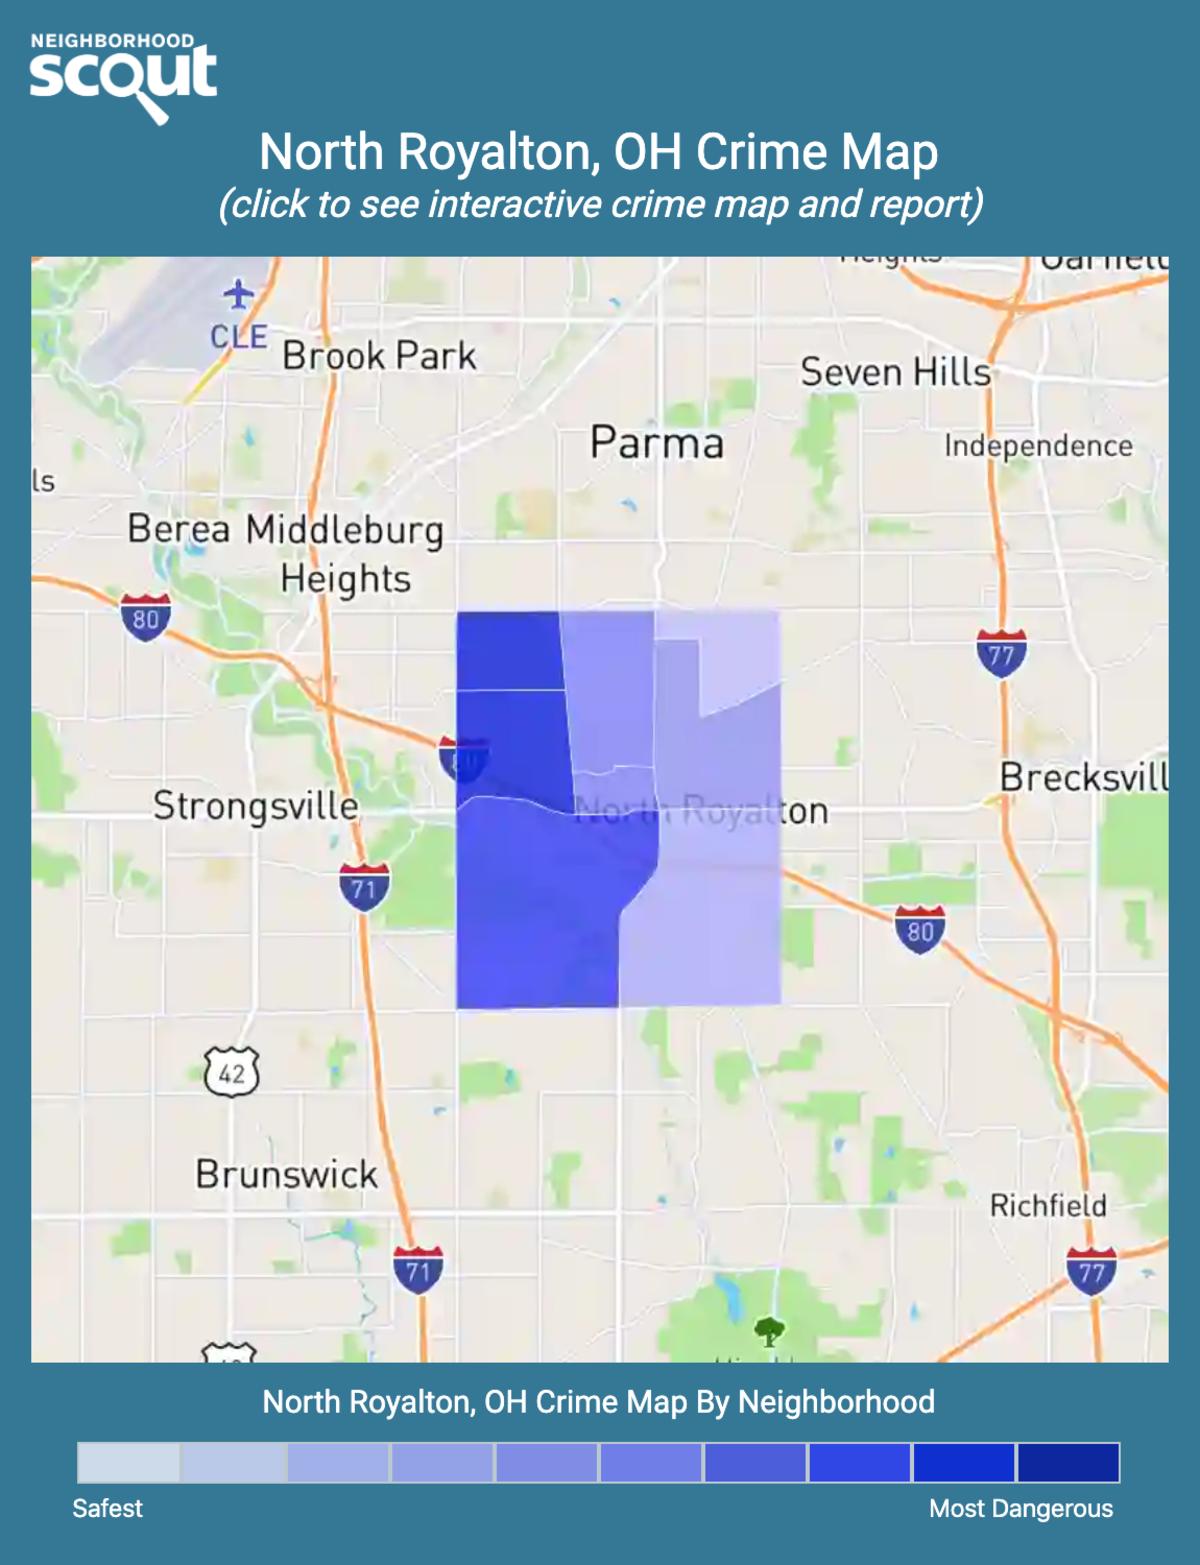 North Royalton, Ohio crime map